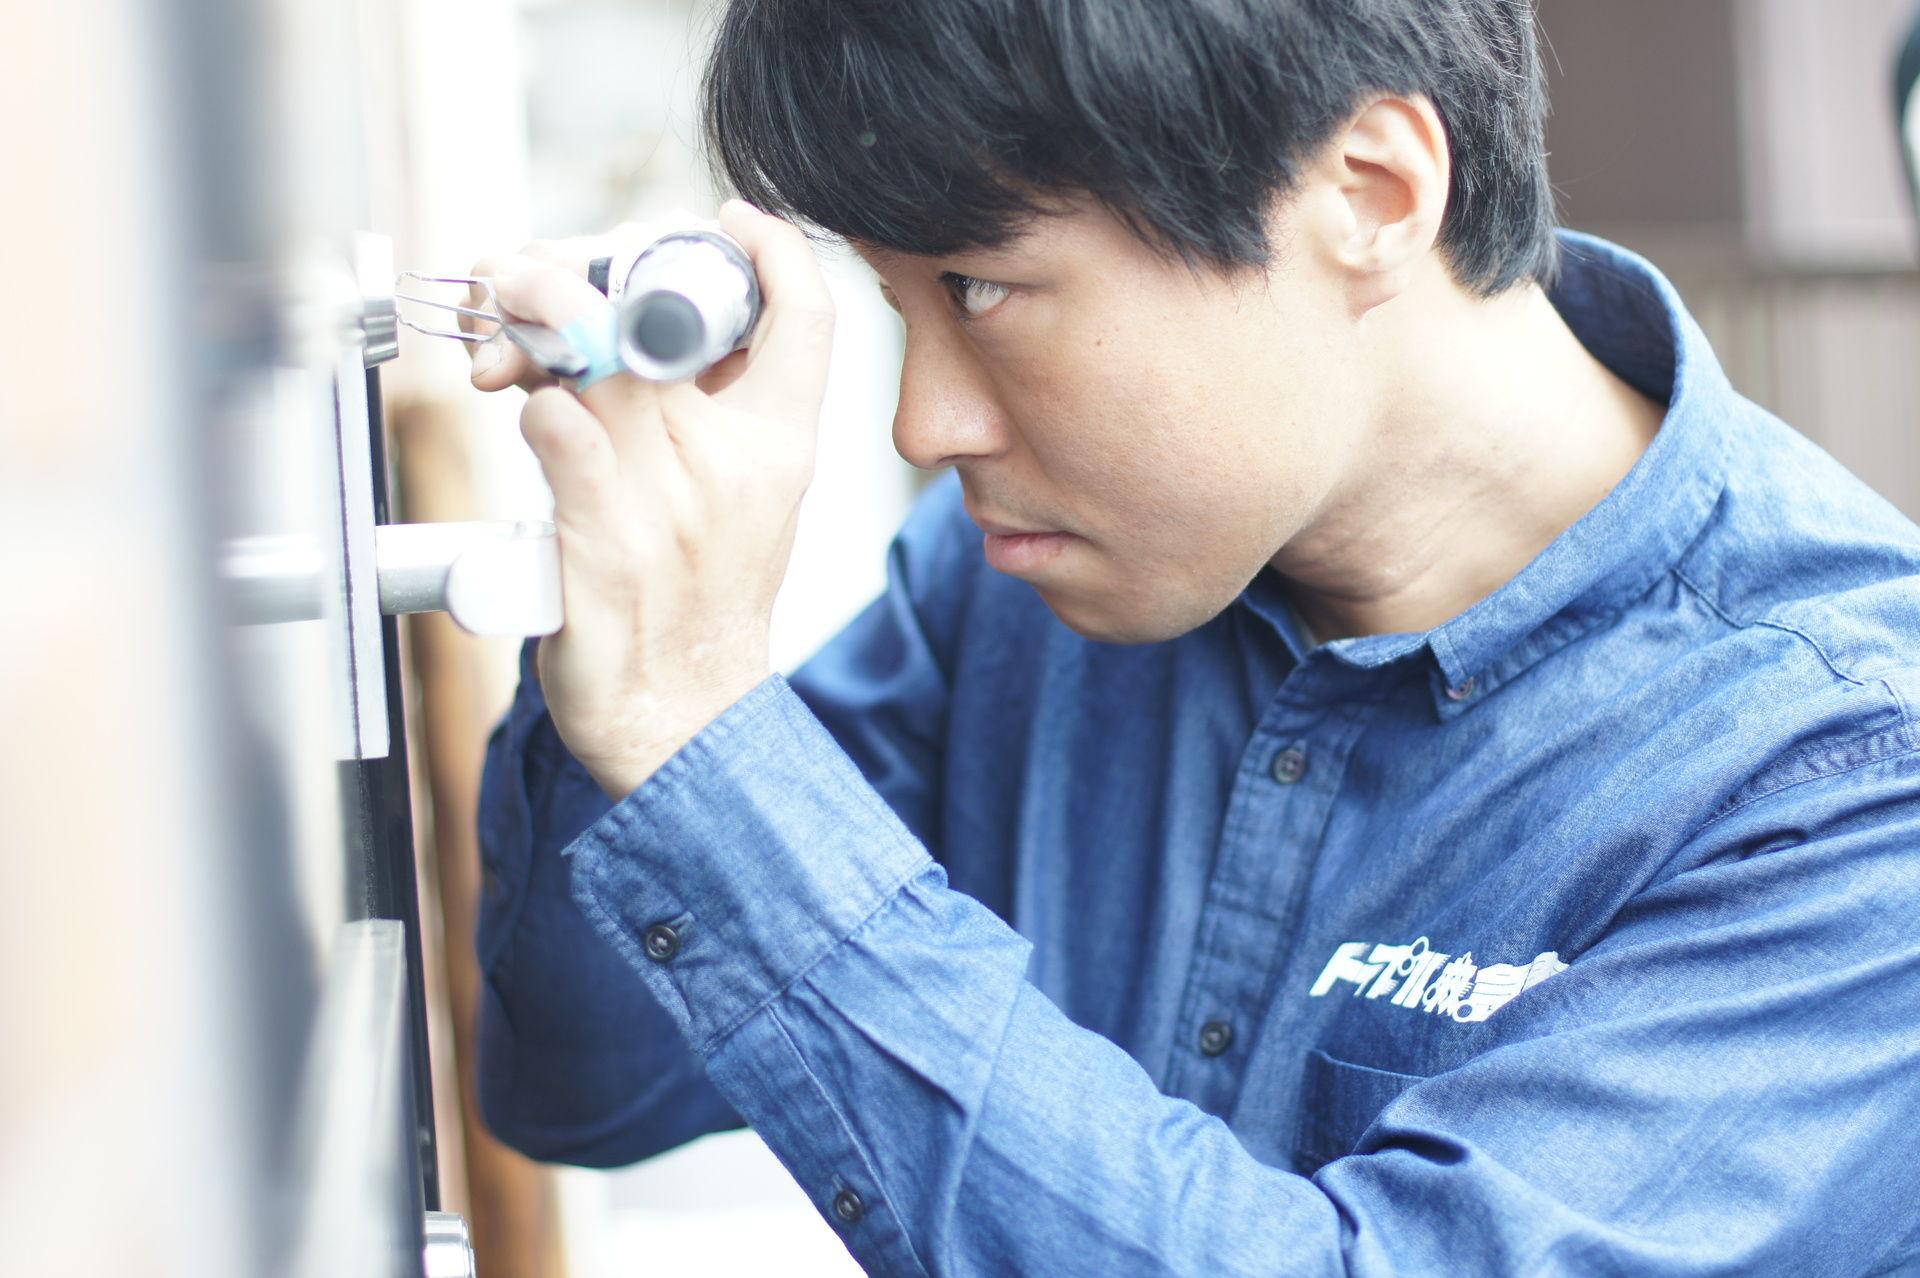 鍵のトラブル救急車【熊本市中央区 出張エリア】のメイン画像